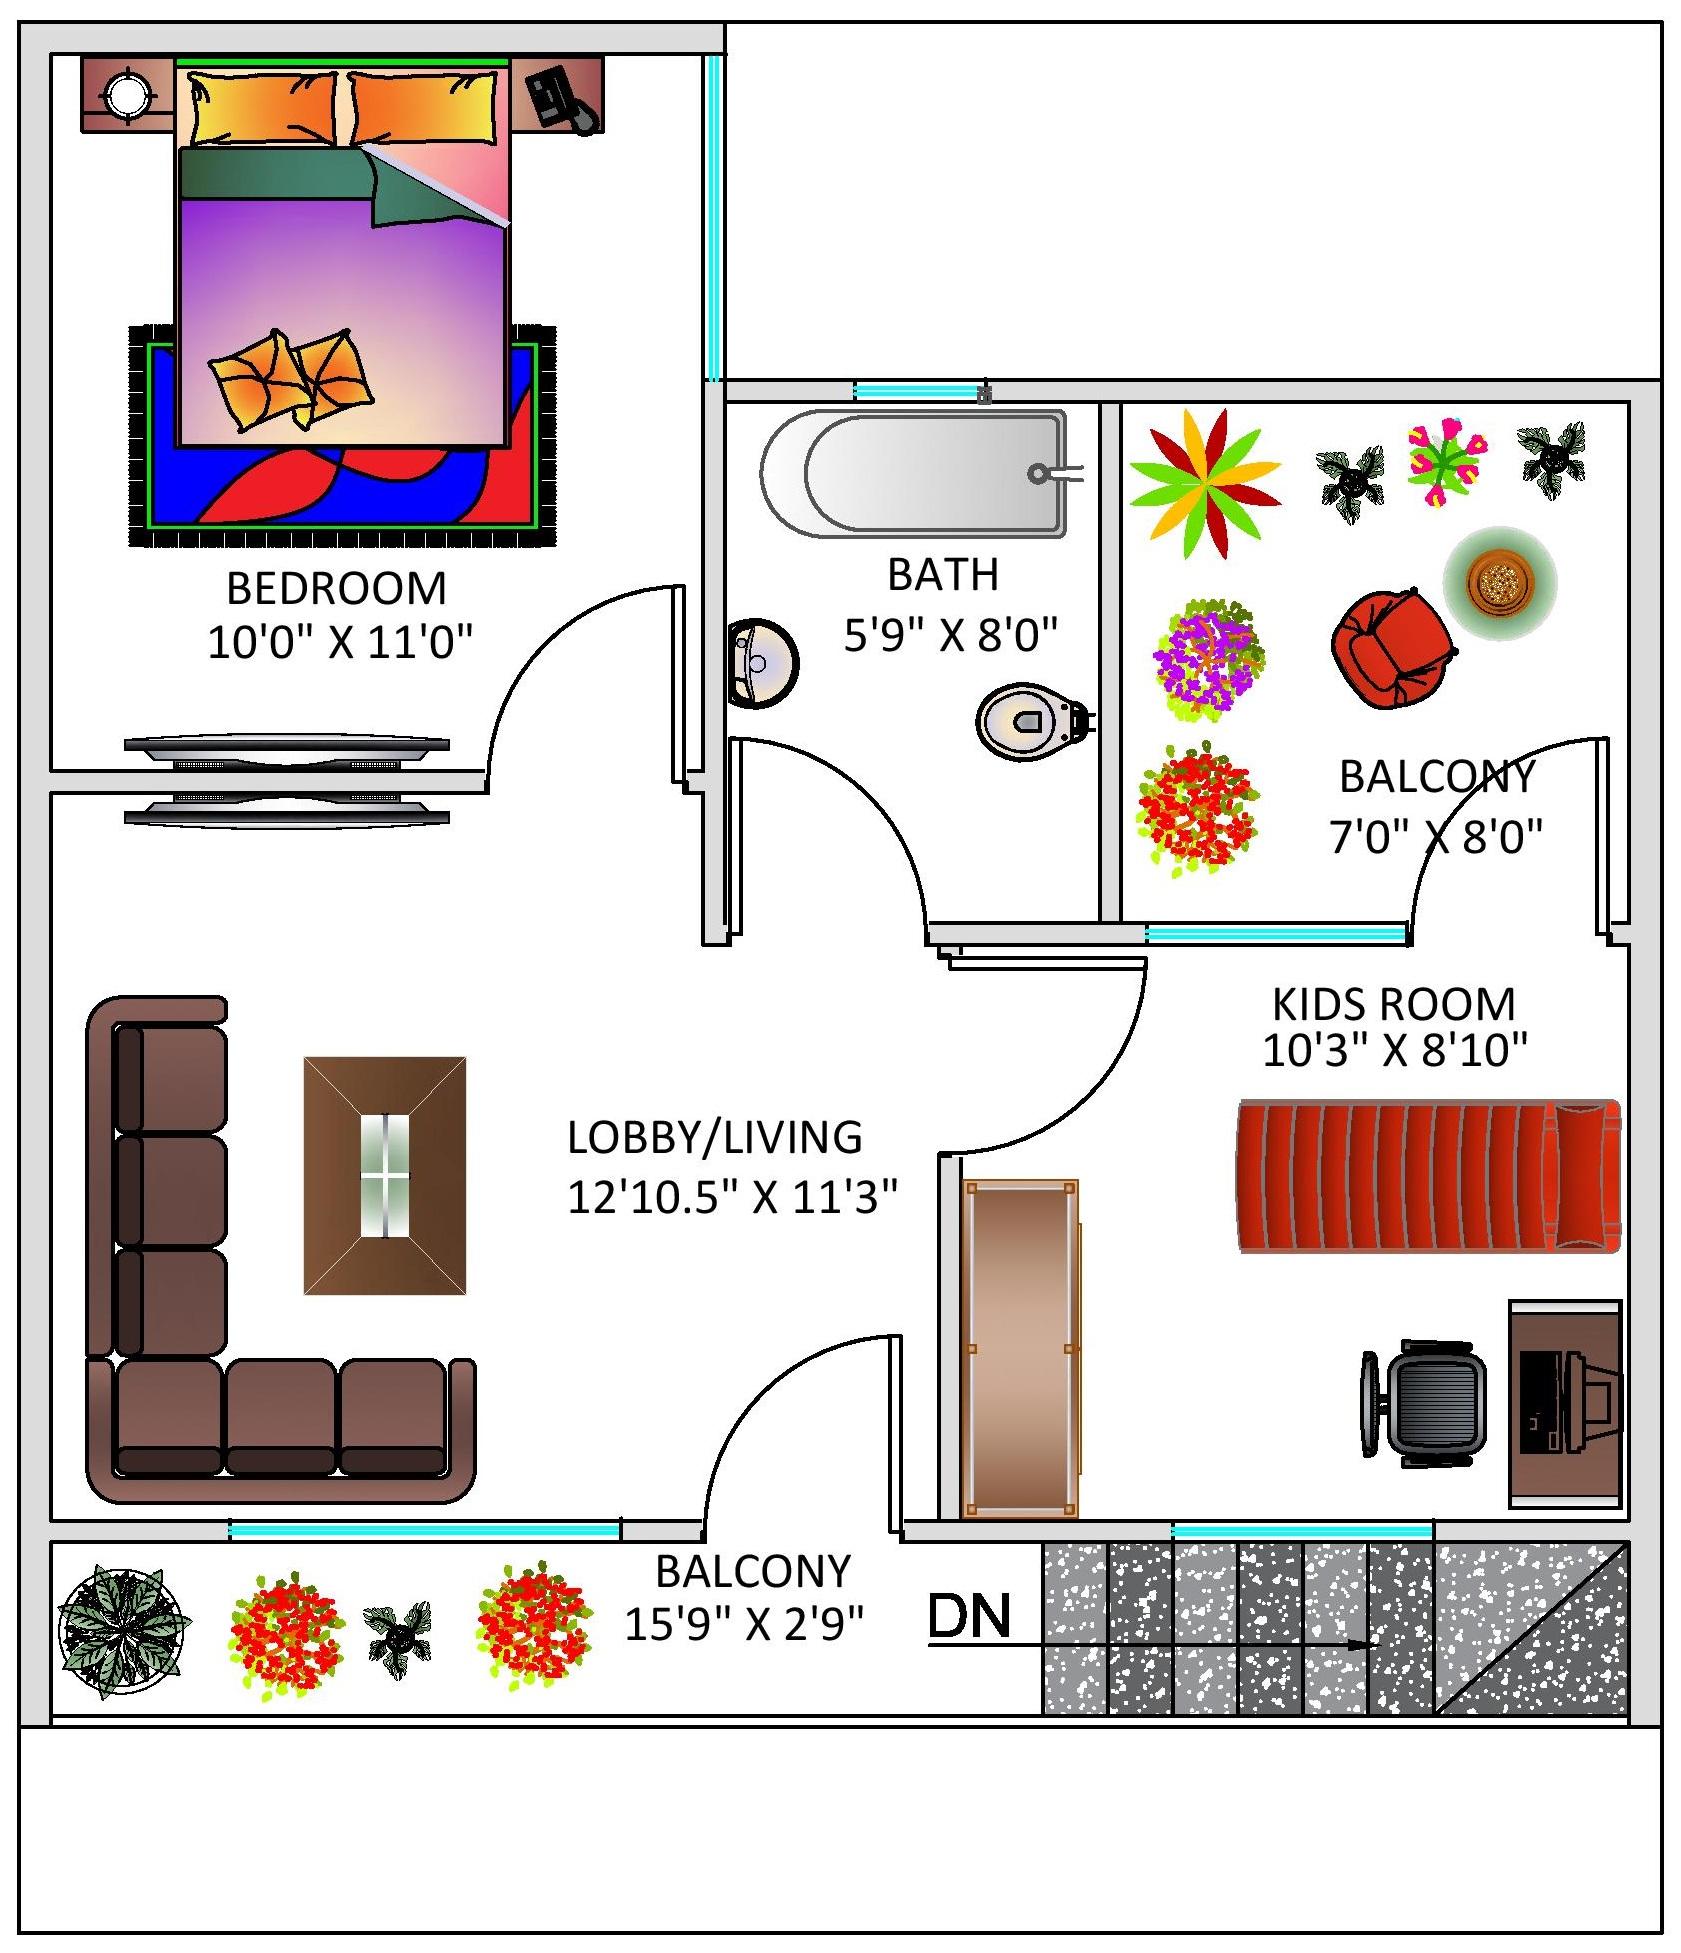 House Plan For 25 Feet By 30 Feet Plot Plot Size 83: Floor Plan For 25 X 30 Feet Plot